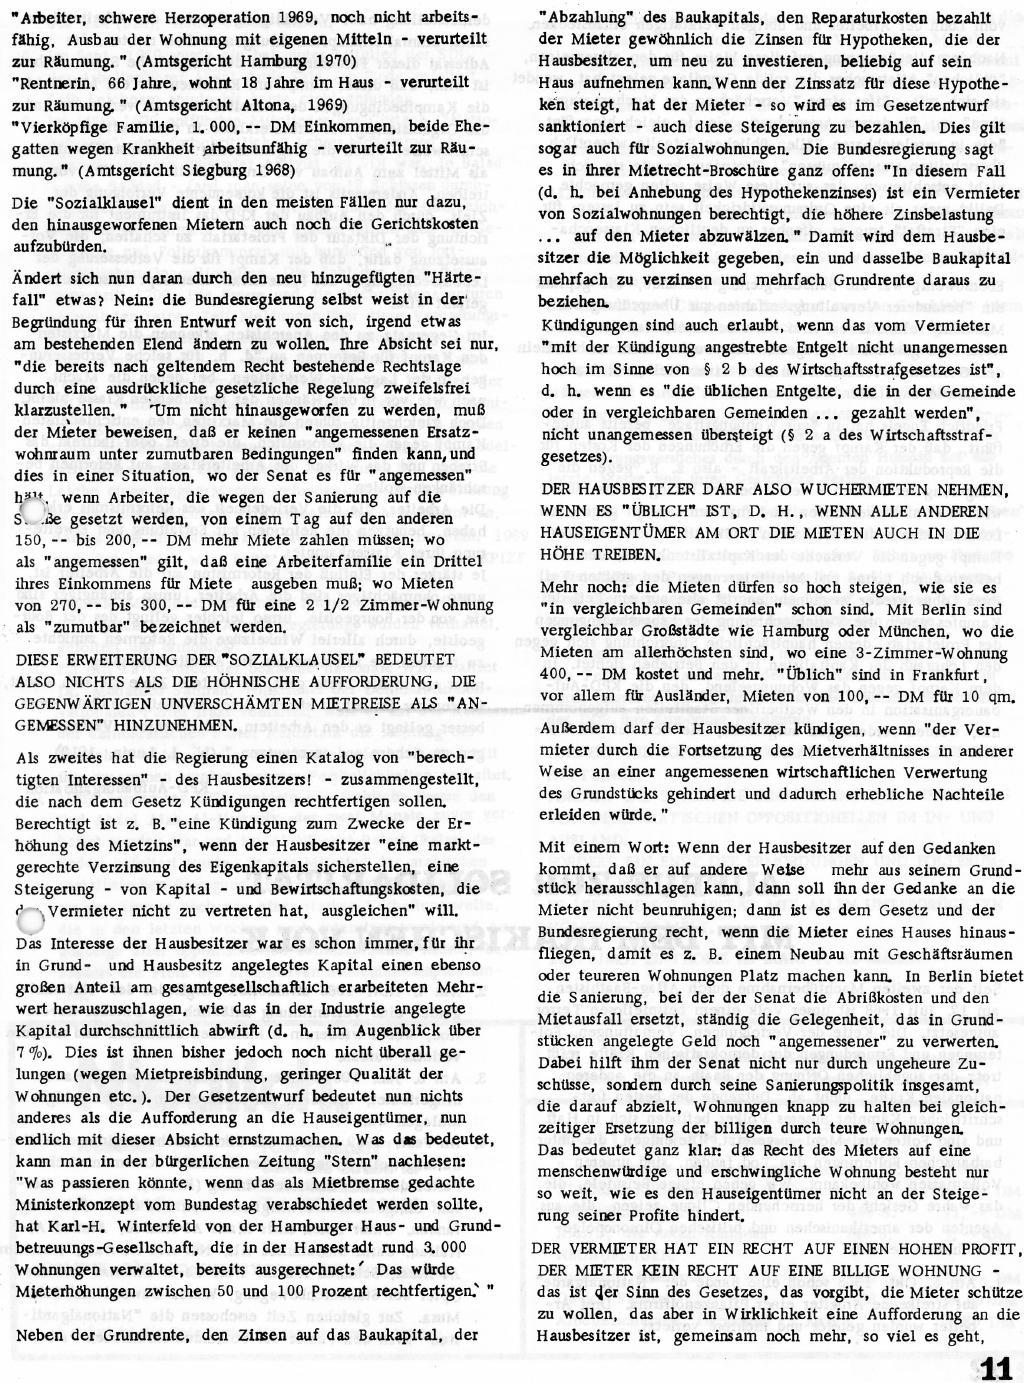 RPK_1970_092_11